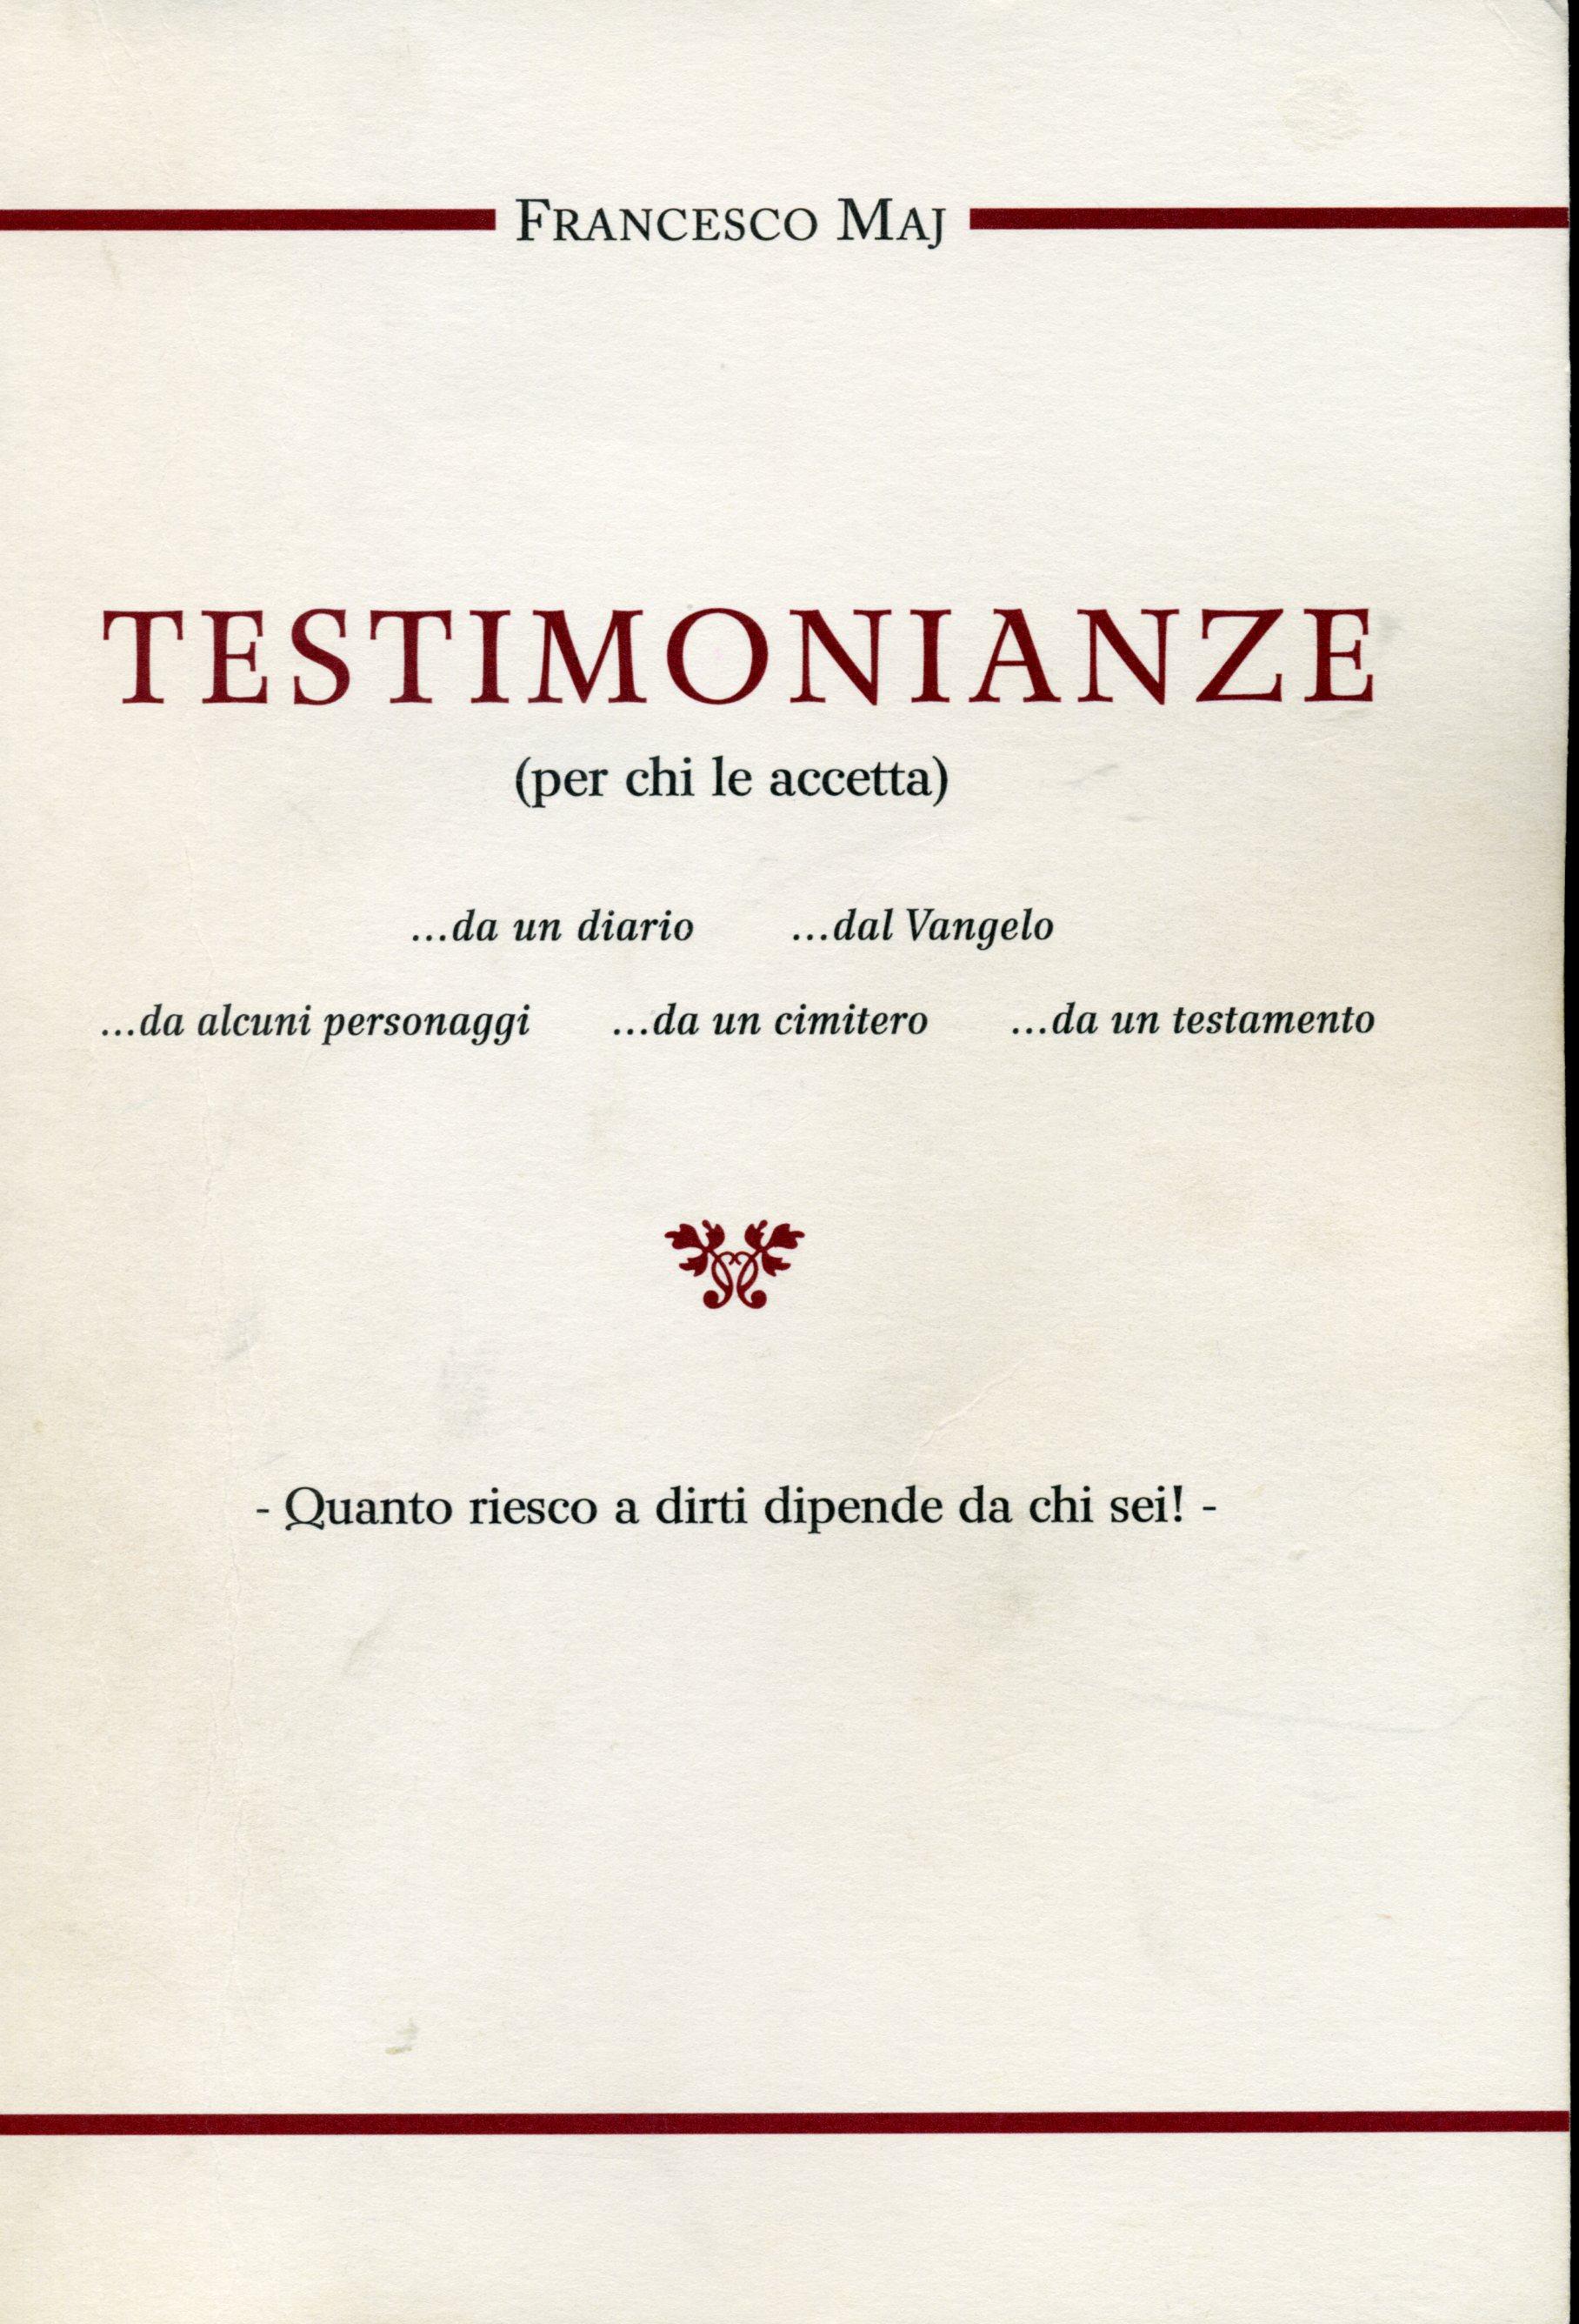 Recens.F.Maj Testimonianze.Copertina copia